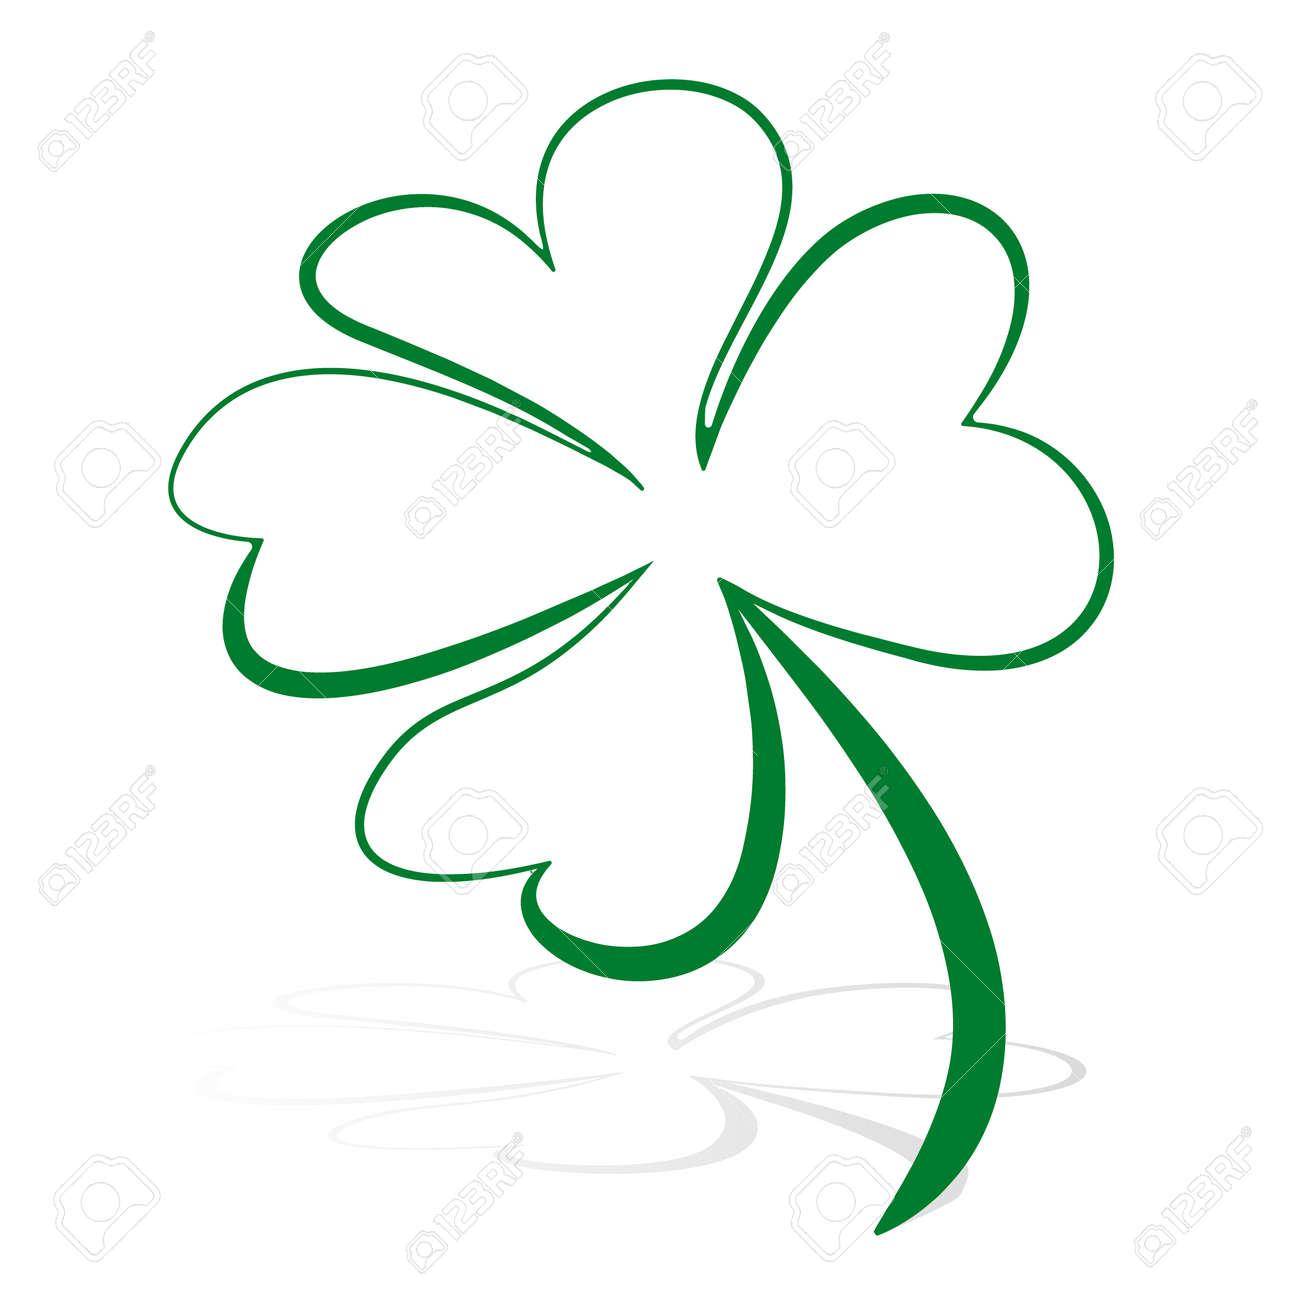 Trébol De Cuatro Hojas Símbolo De Icono De Vector Verde